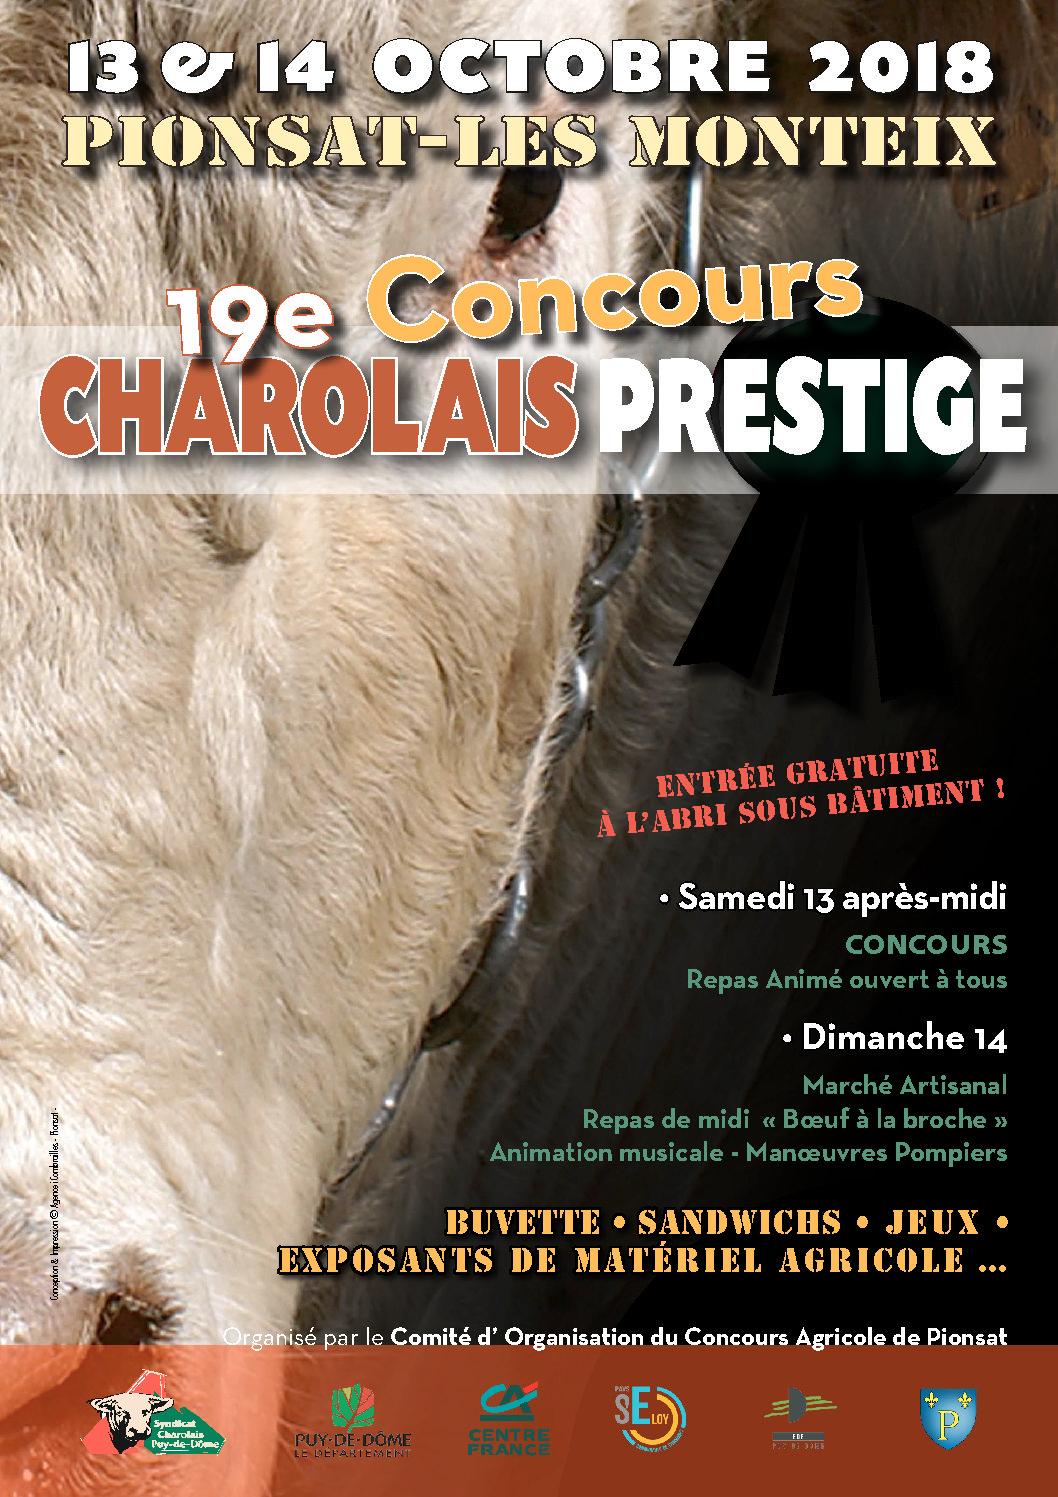 19e Concours Charolais Prestige à Pionsat